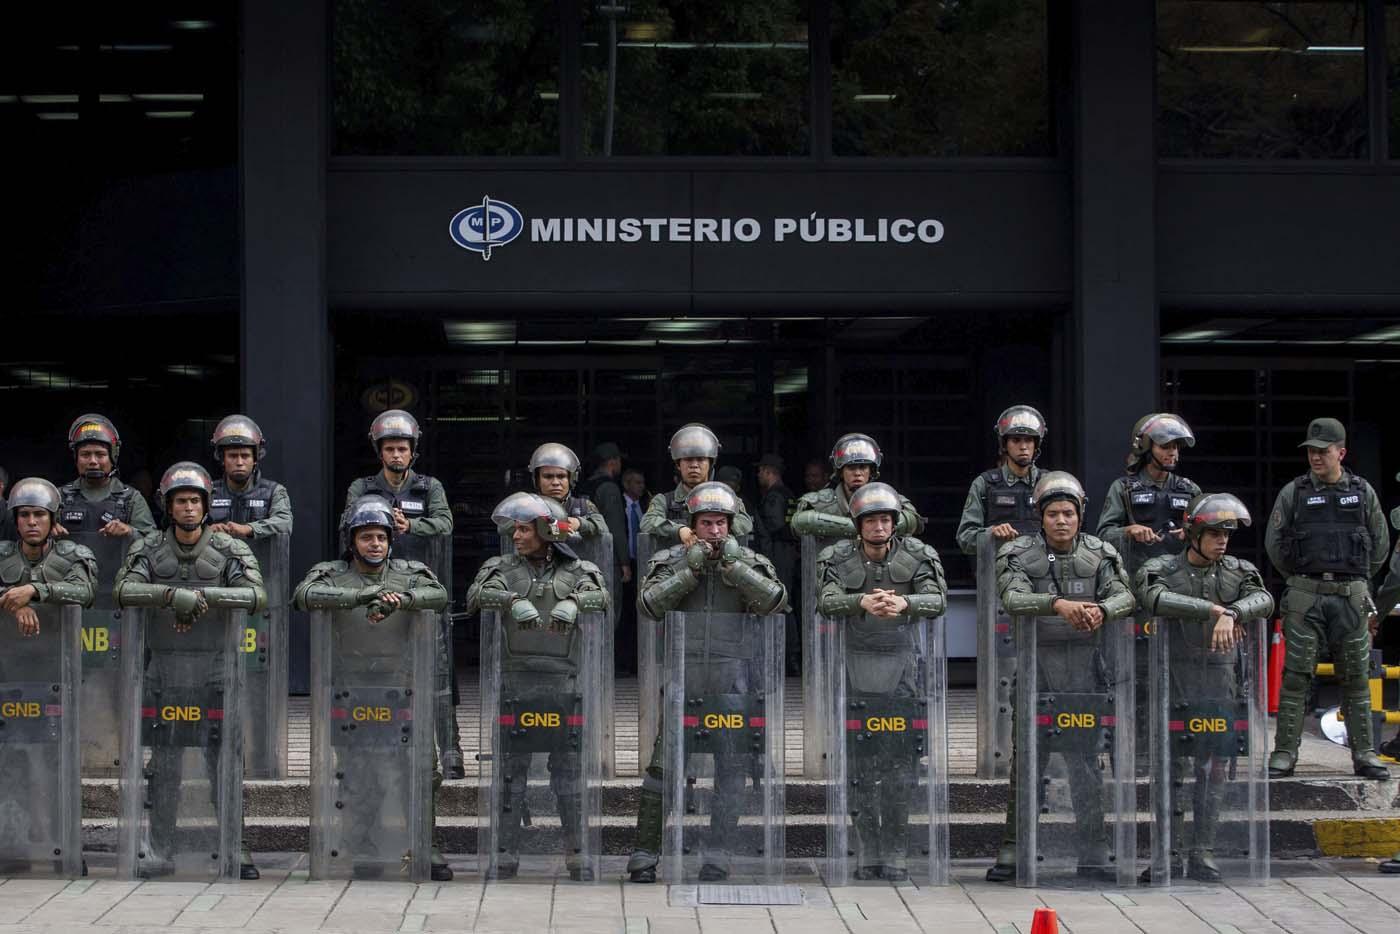 -FOTODELDIA- CAR01. CARACAS (VENEZUELA), 25/04/2017 - Miembros de la Guardia Nacional Bolivariana (GNB) resguarda la entrada del Ministerio Público hoy, martes 25 de abril de 2017, en Caracas (Venezuela). Un total de 26 personas han muerto por distintas causas en relación con los hechos violentos registrados durante las últimas semanas en Venezuela, en el marco de una ola de protestas oficialistas y opositoras, y actos de vandalismo, informó hoy la fiscal general venezolana, Luisa Ortega Díaz. EFE/MIGUEL GUTIÉRREZ